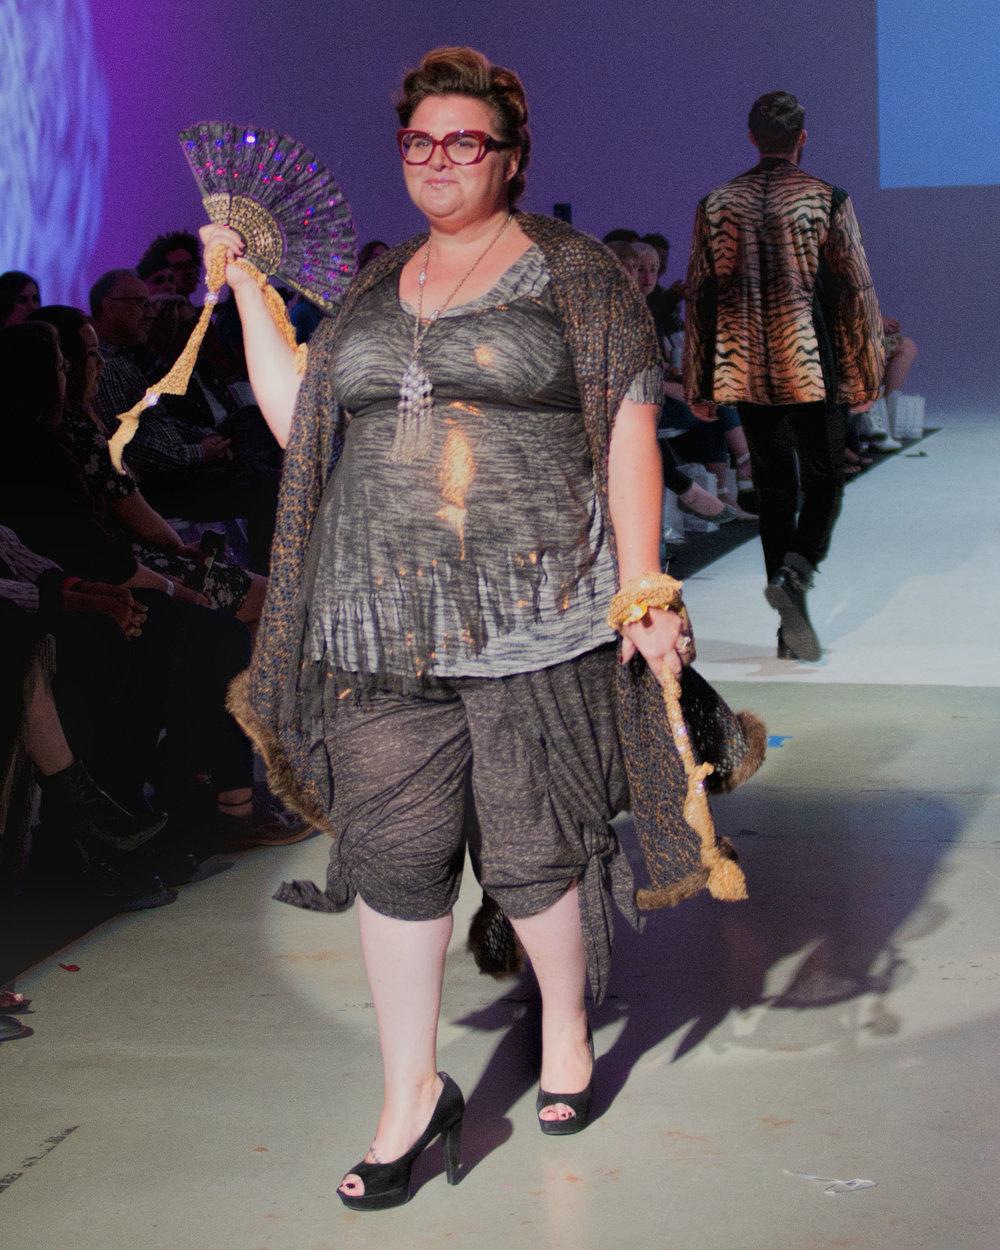 Heidi Oeschel Wearing Lily Guilder